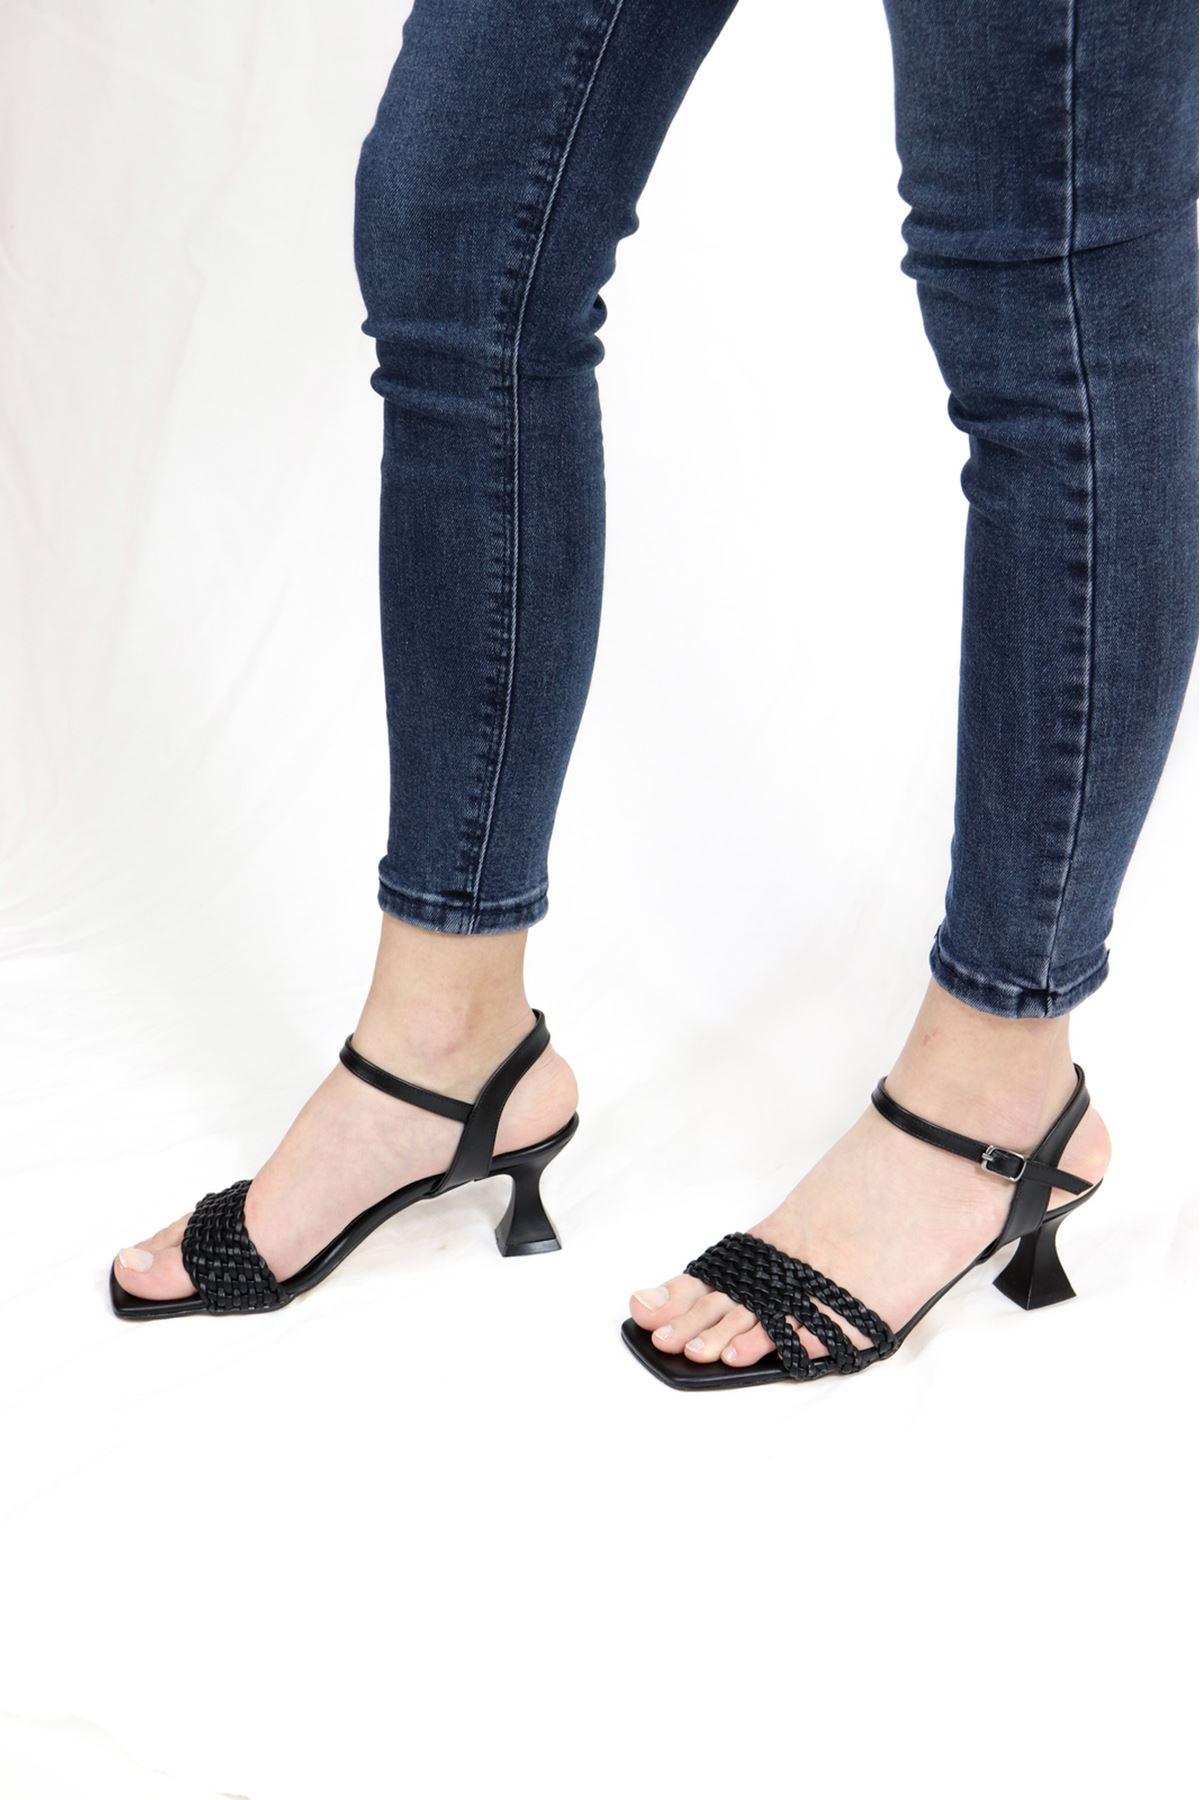 Trendayakkabı - Siyah Örgü Detaylı sandalet